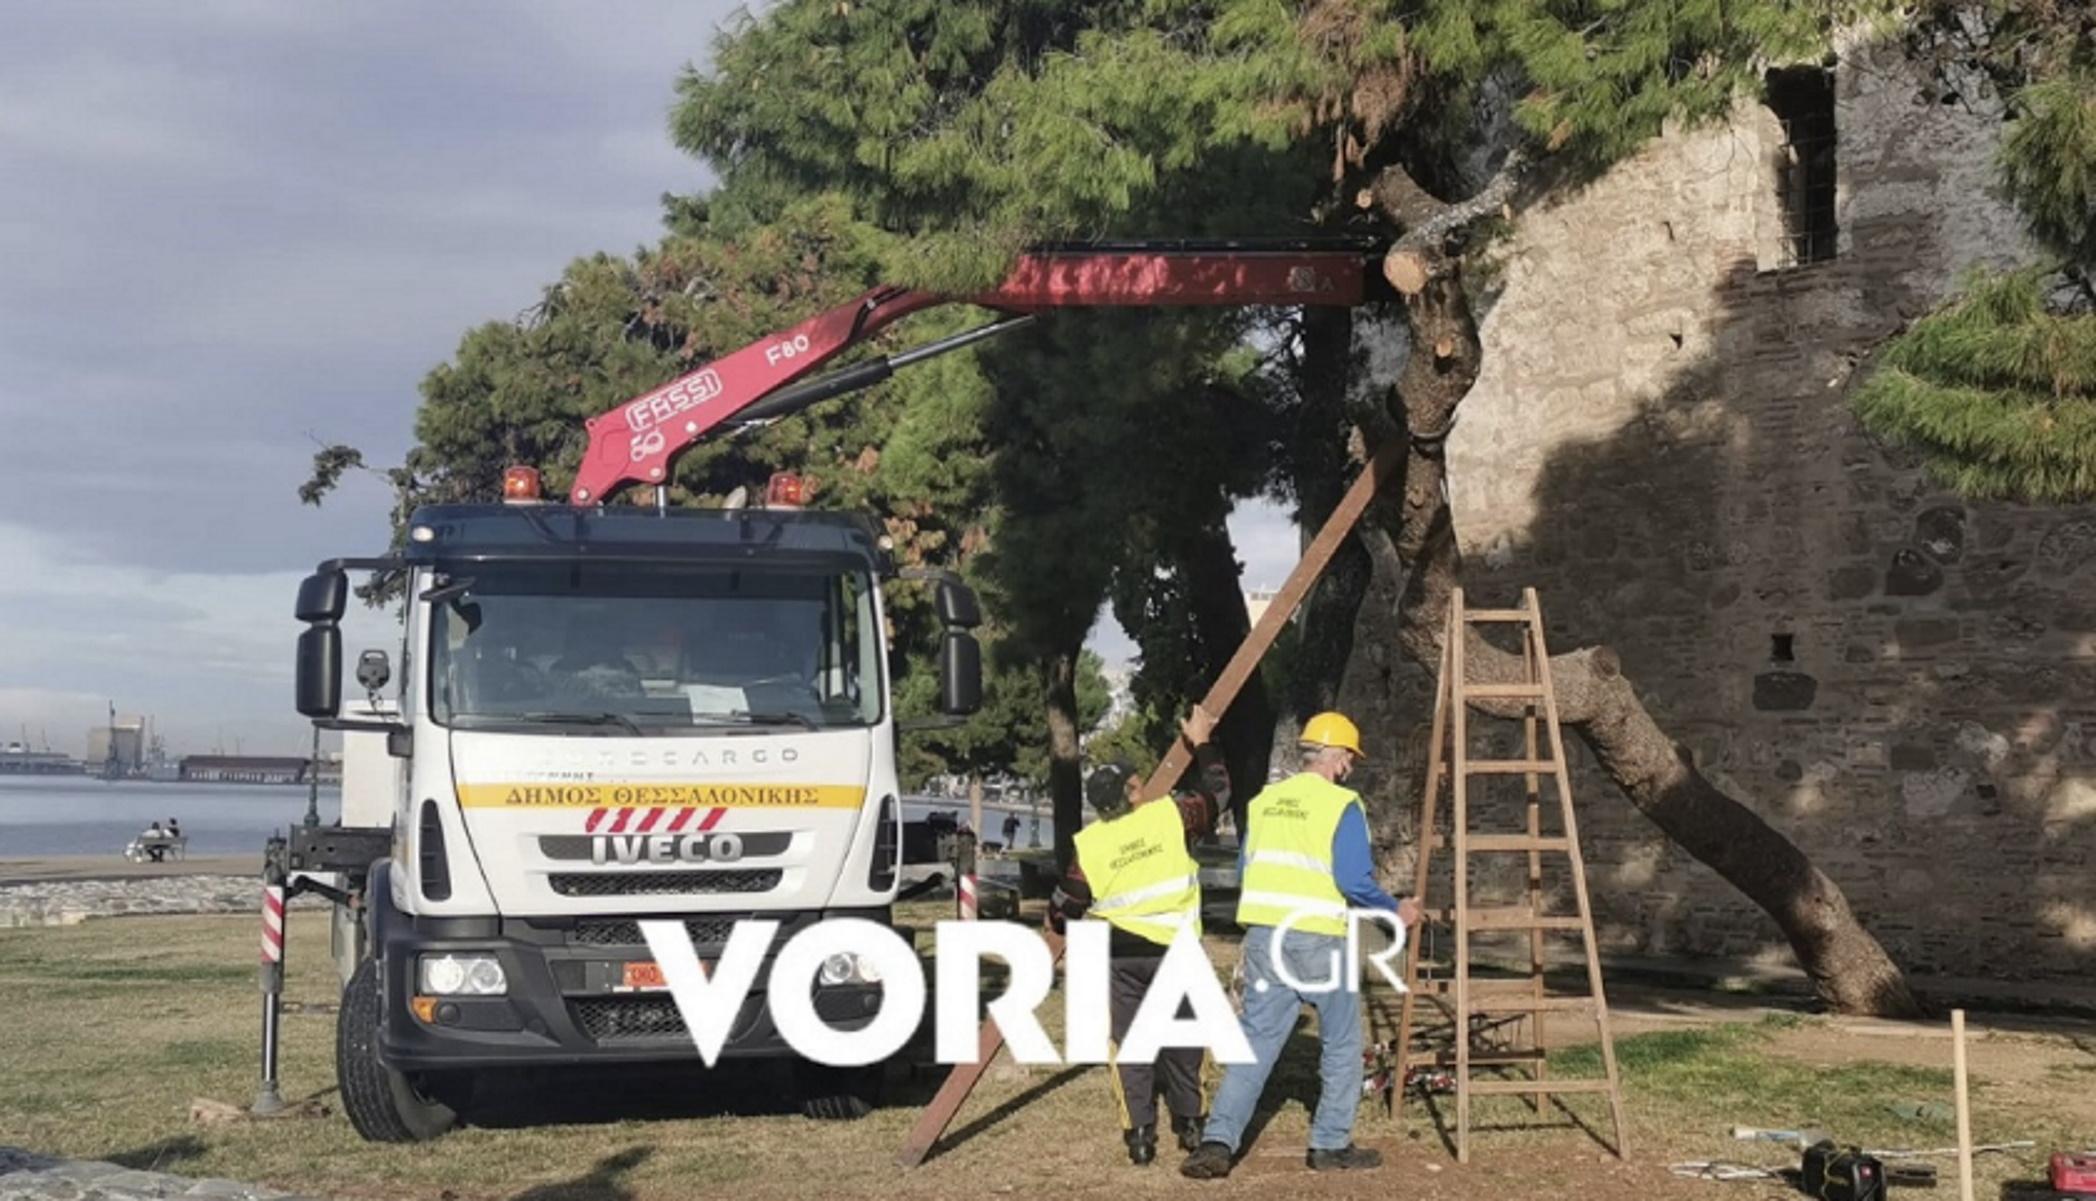 Θεσσαλονίκη: Καρέ καρέ η διάσωση υπεραιωνόβιου πεύκου